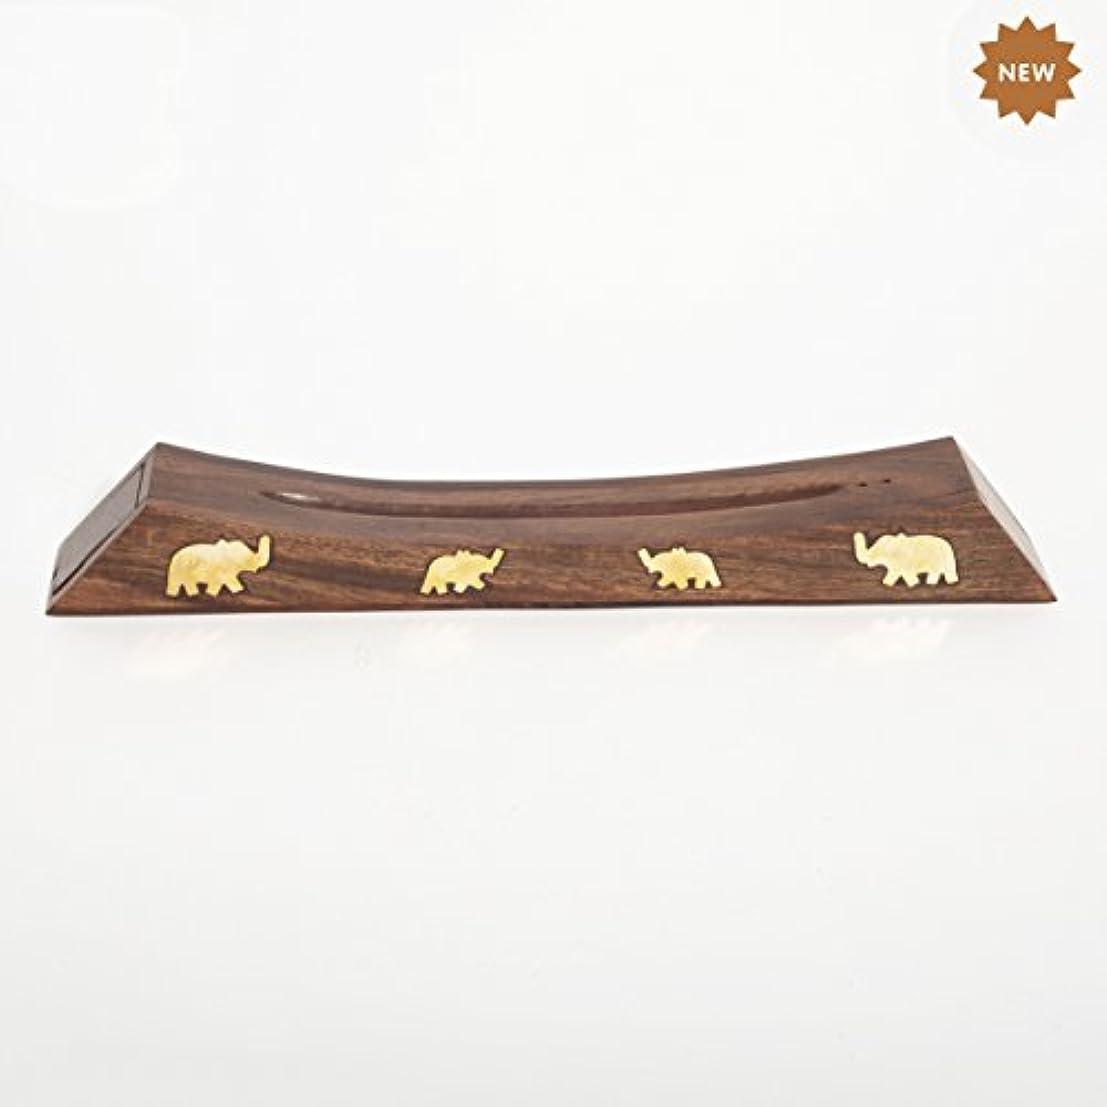 ストライプペネロペ大学院Rusticity 木製お香スタンド お香スティック 収納スロット付き 象の真鍮インレー ハンドメイド 12.4x1.6インチ